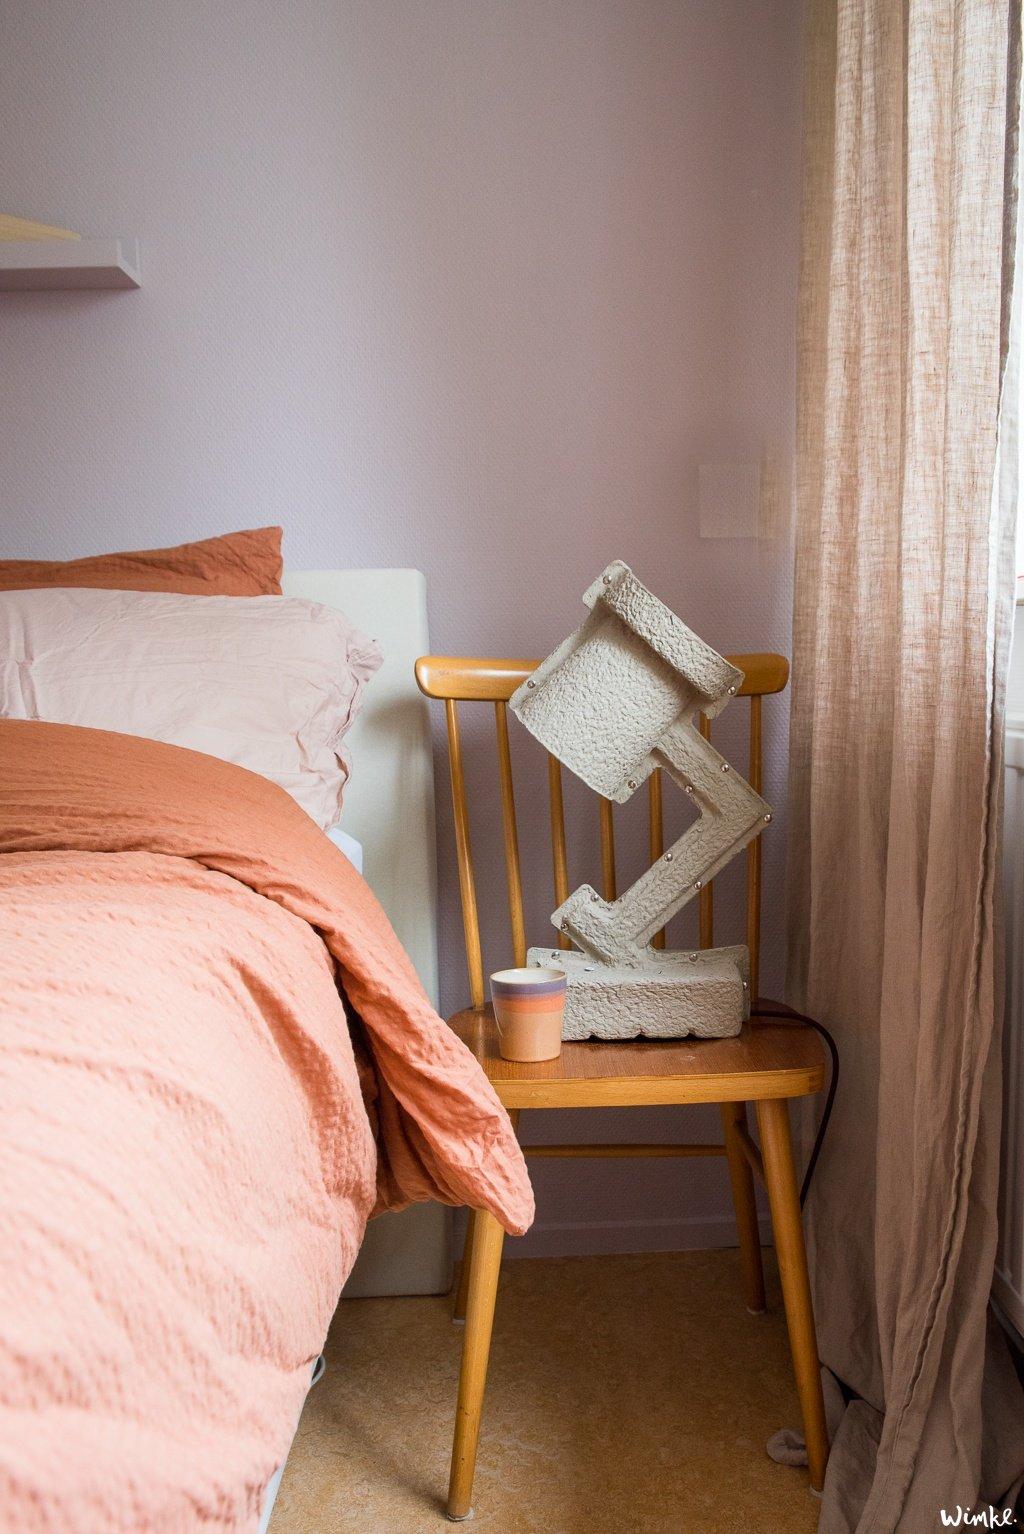 Tijd om de slaapkamer een opfrisser te geven, ik ging aan de slag. In 5 stappen naar een schitterend resultaat met iets heide van Flexa.